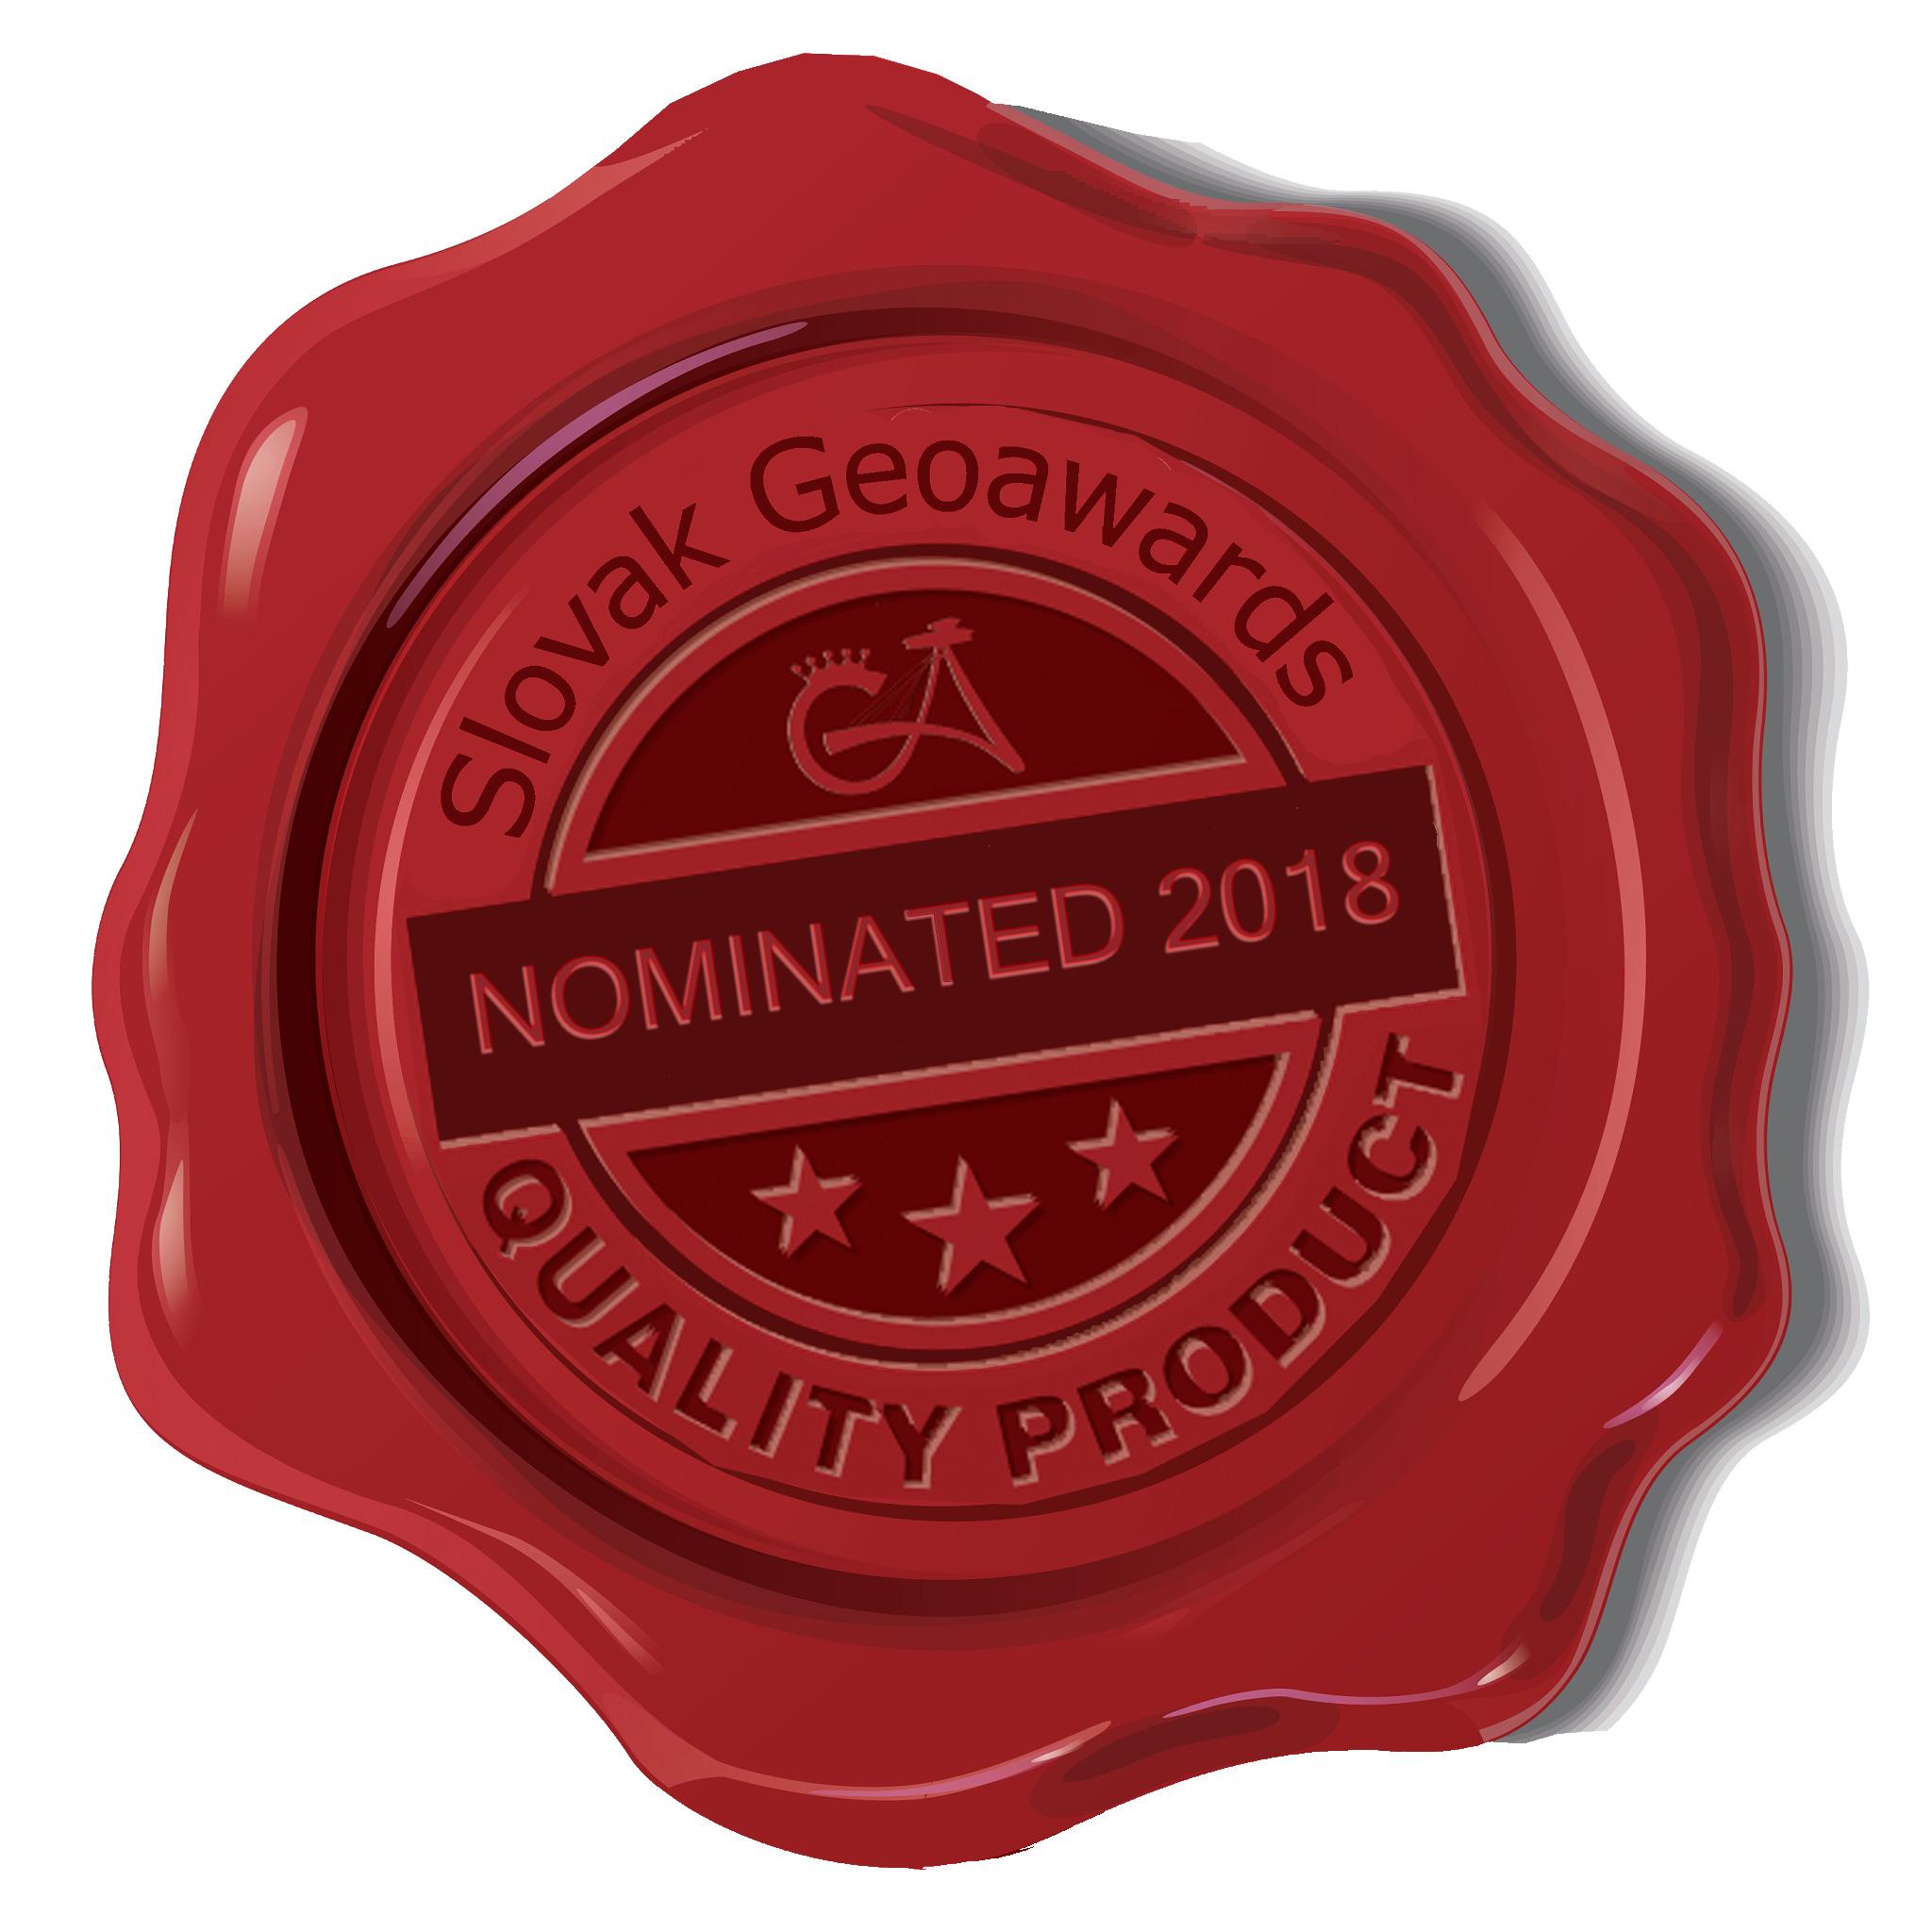 GA 2018 Nominated